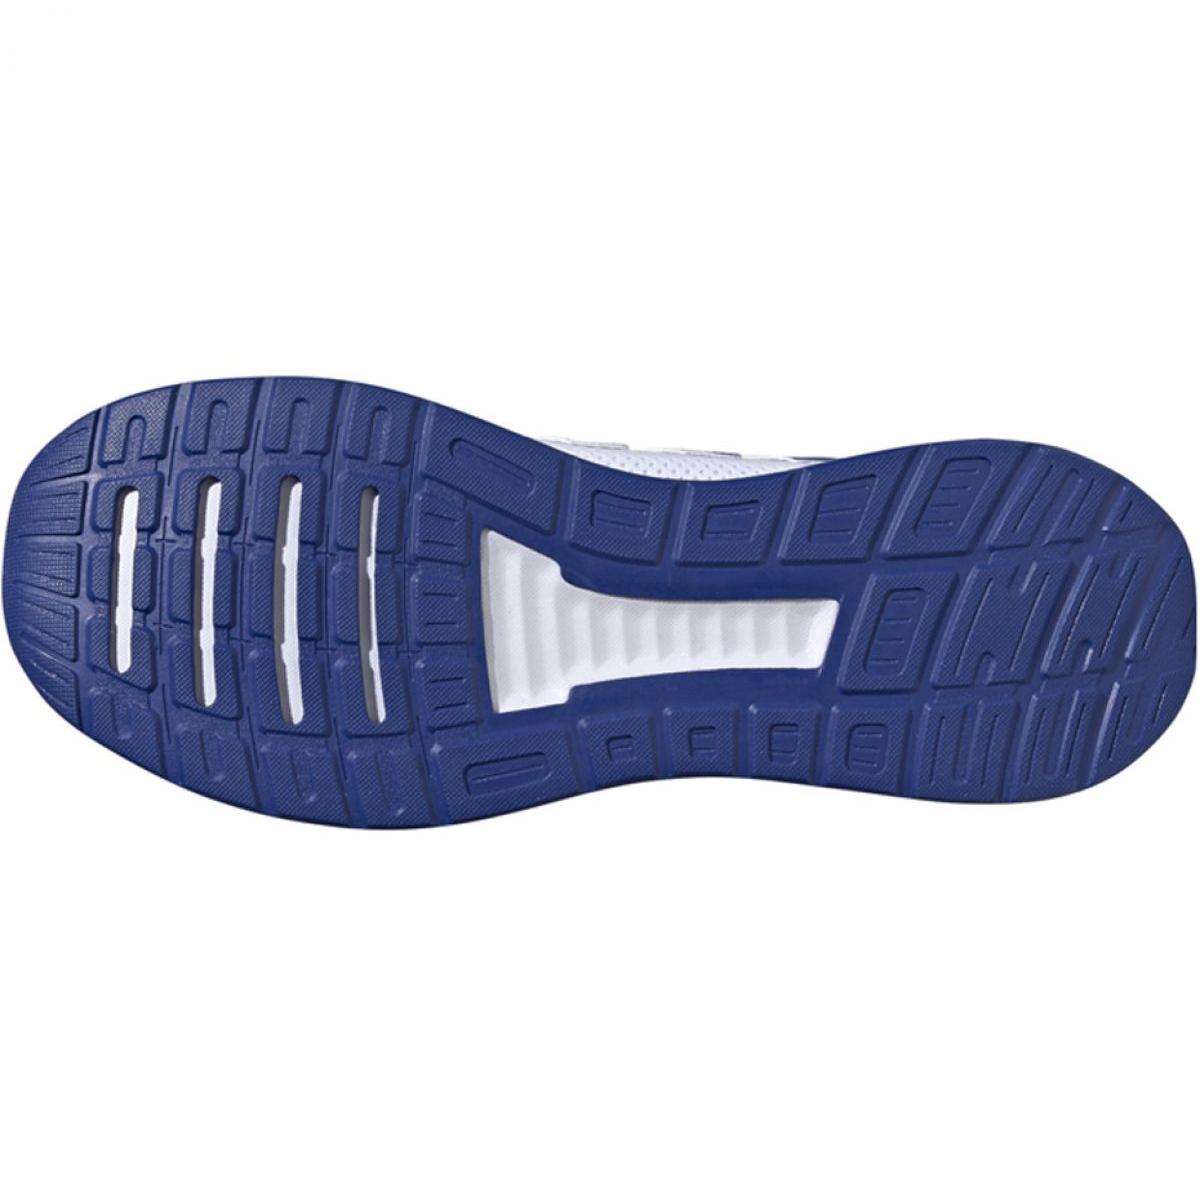 Laufschuhe adidas Runfalcon M EF0148